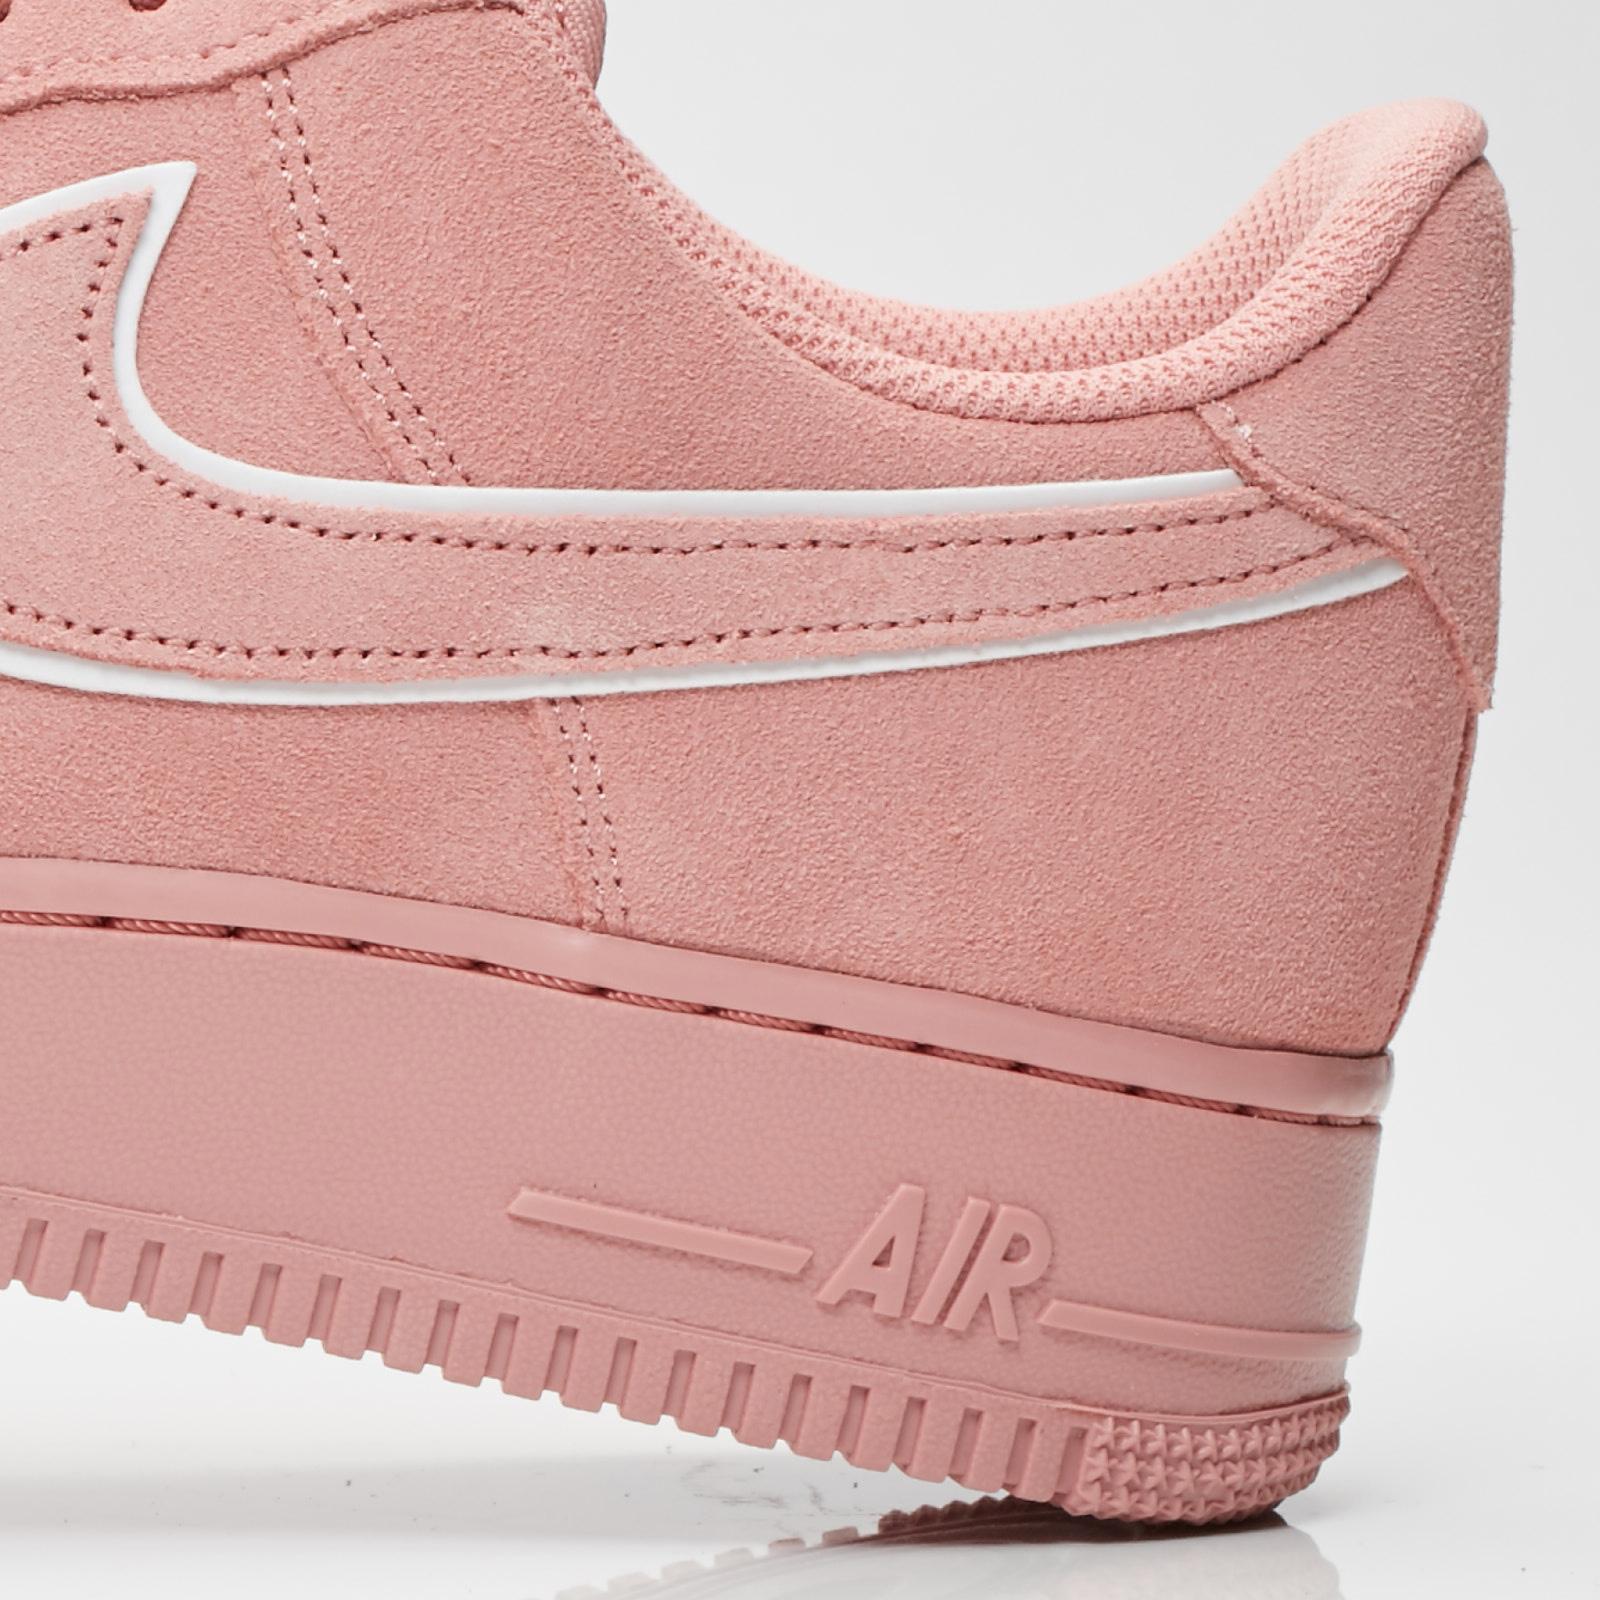 395c649d7fb Nike Air Force 1 07 lv8 Suede - Aa1117-601 - Sneakersnstuff ...